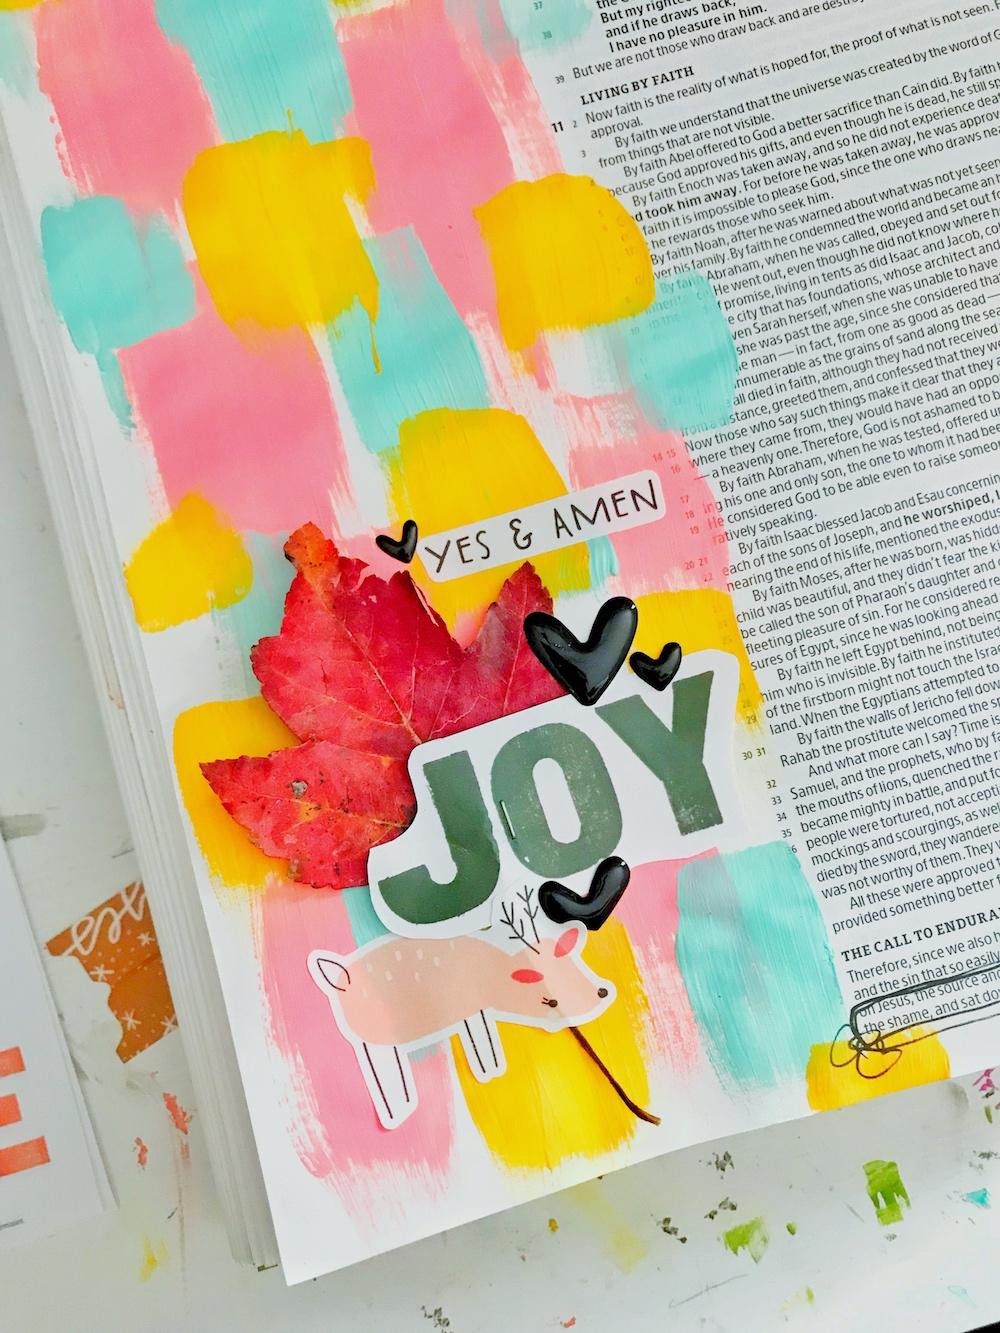 bible journaling 100 days of grace and gratitude with April aka marine parents | JOY | hebrews 12:1-2